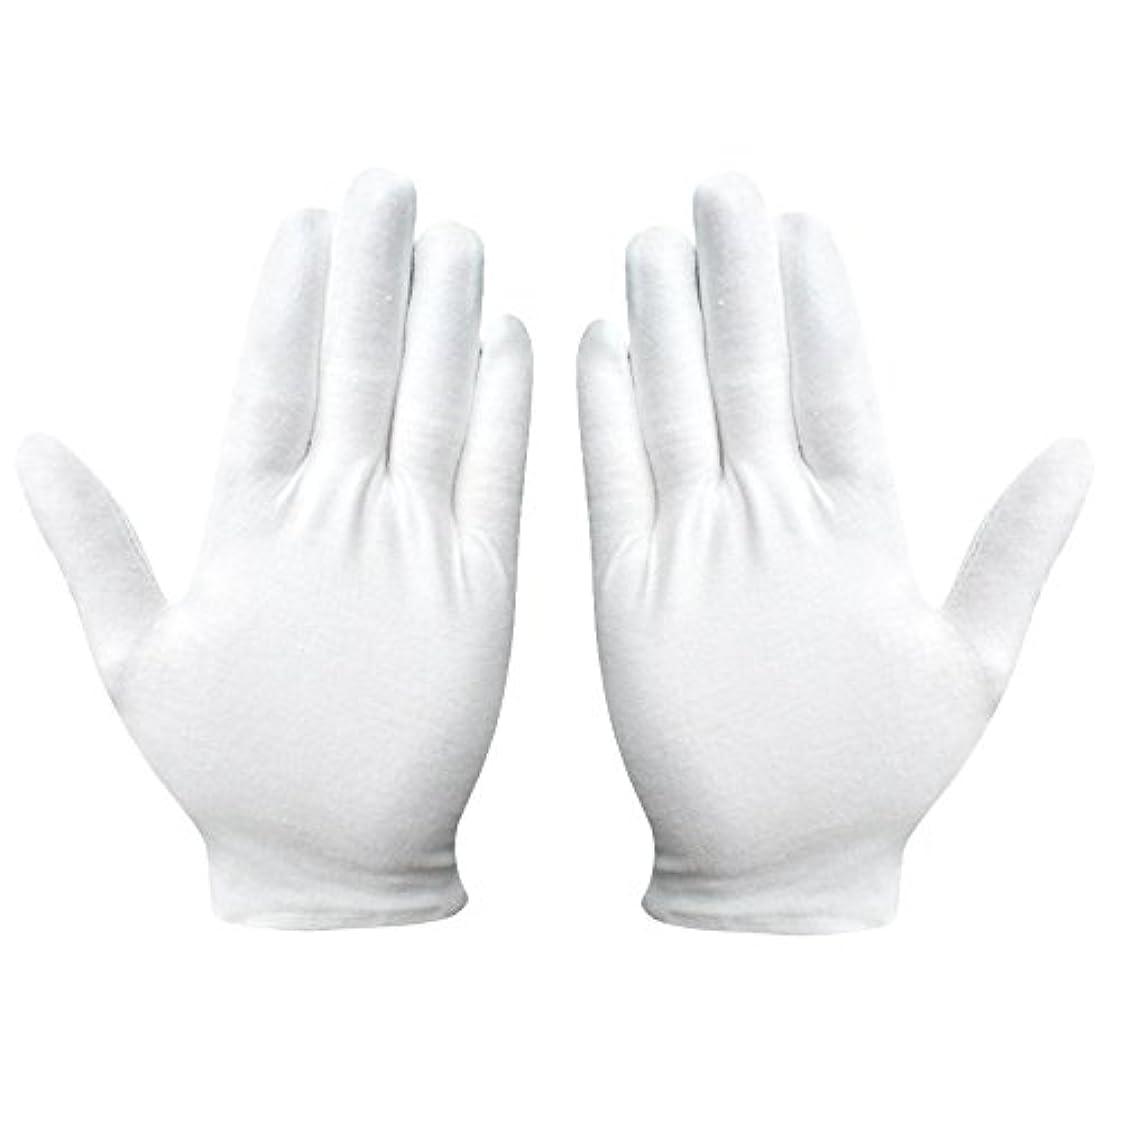 世代受信機徴収綿手袋 純綿 コットン手袋 白手袋 薄手 通気性 手荒れ予防 【湿疹用 乾燥肌用 保湿用 礼装用】12双組